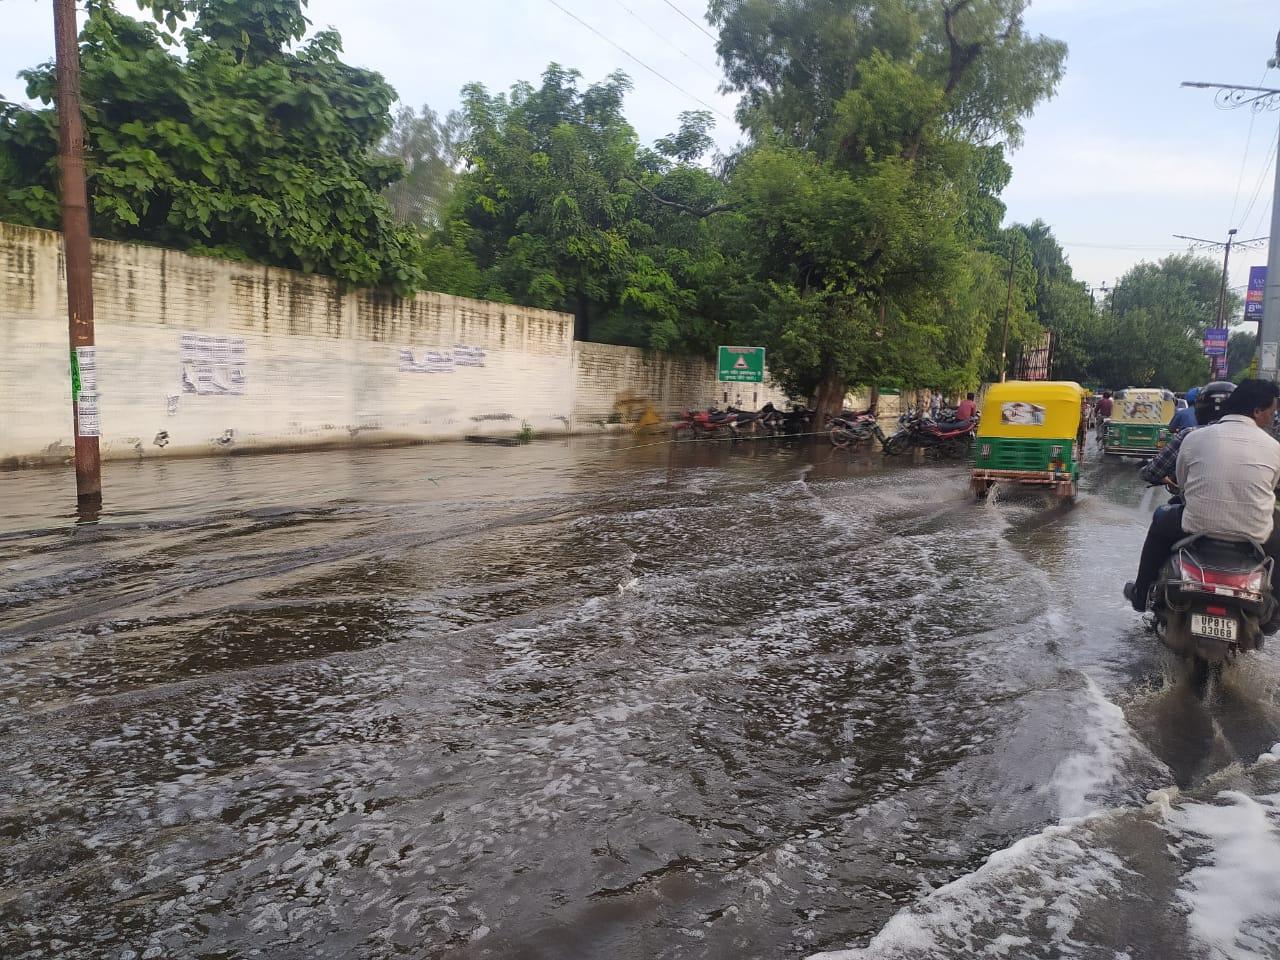 बीते कई दिनों से उमस भरी गर्मी से परेशान थे शहरवासी, मिली राहत, कई स्थानों पर हुआ जलभराव अलीगढ़,Aligarh - Dainik Bhaskar